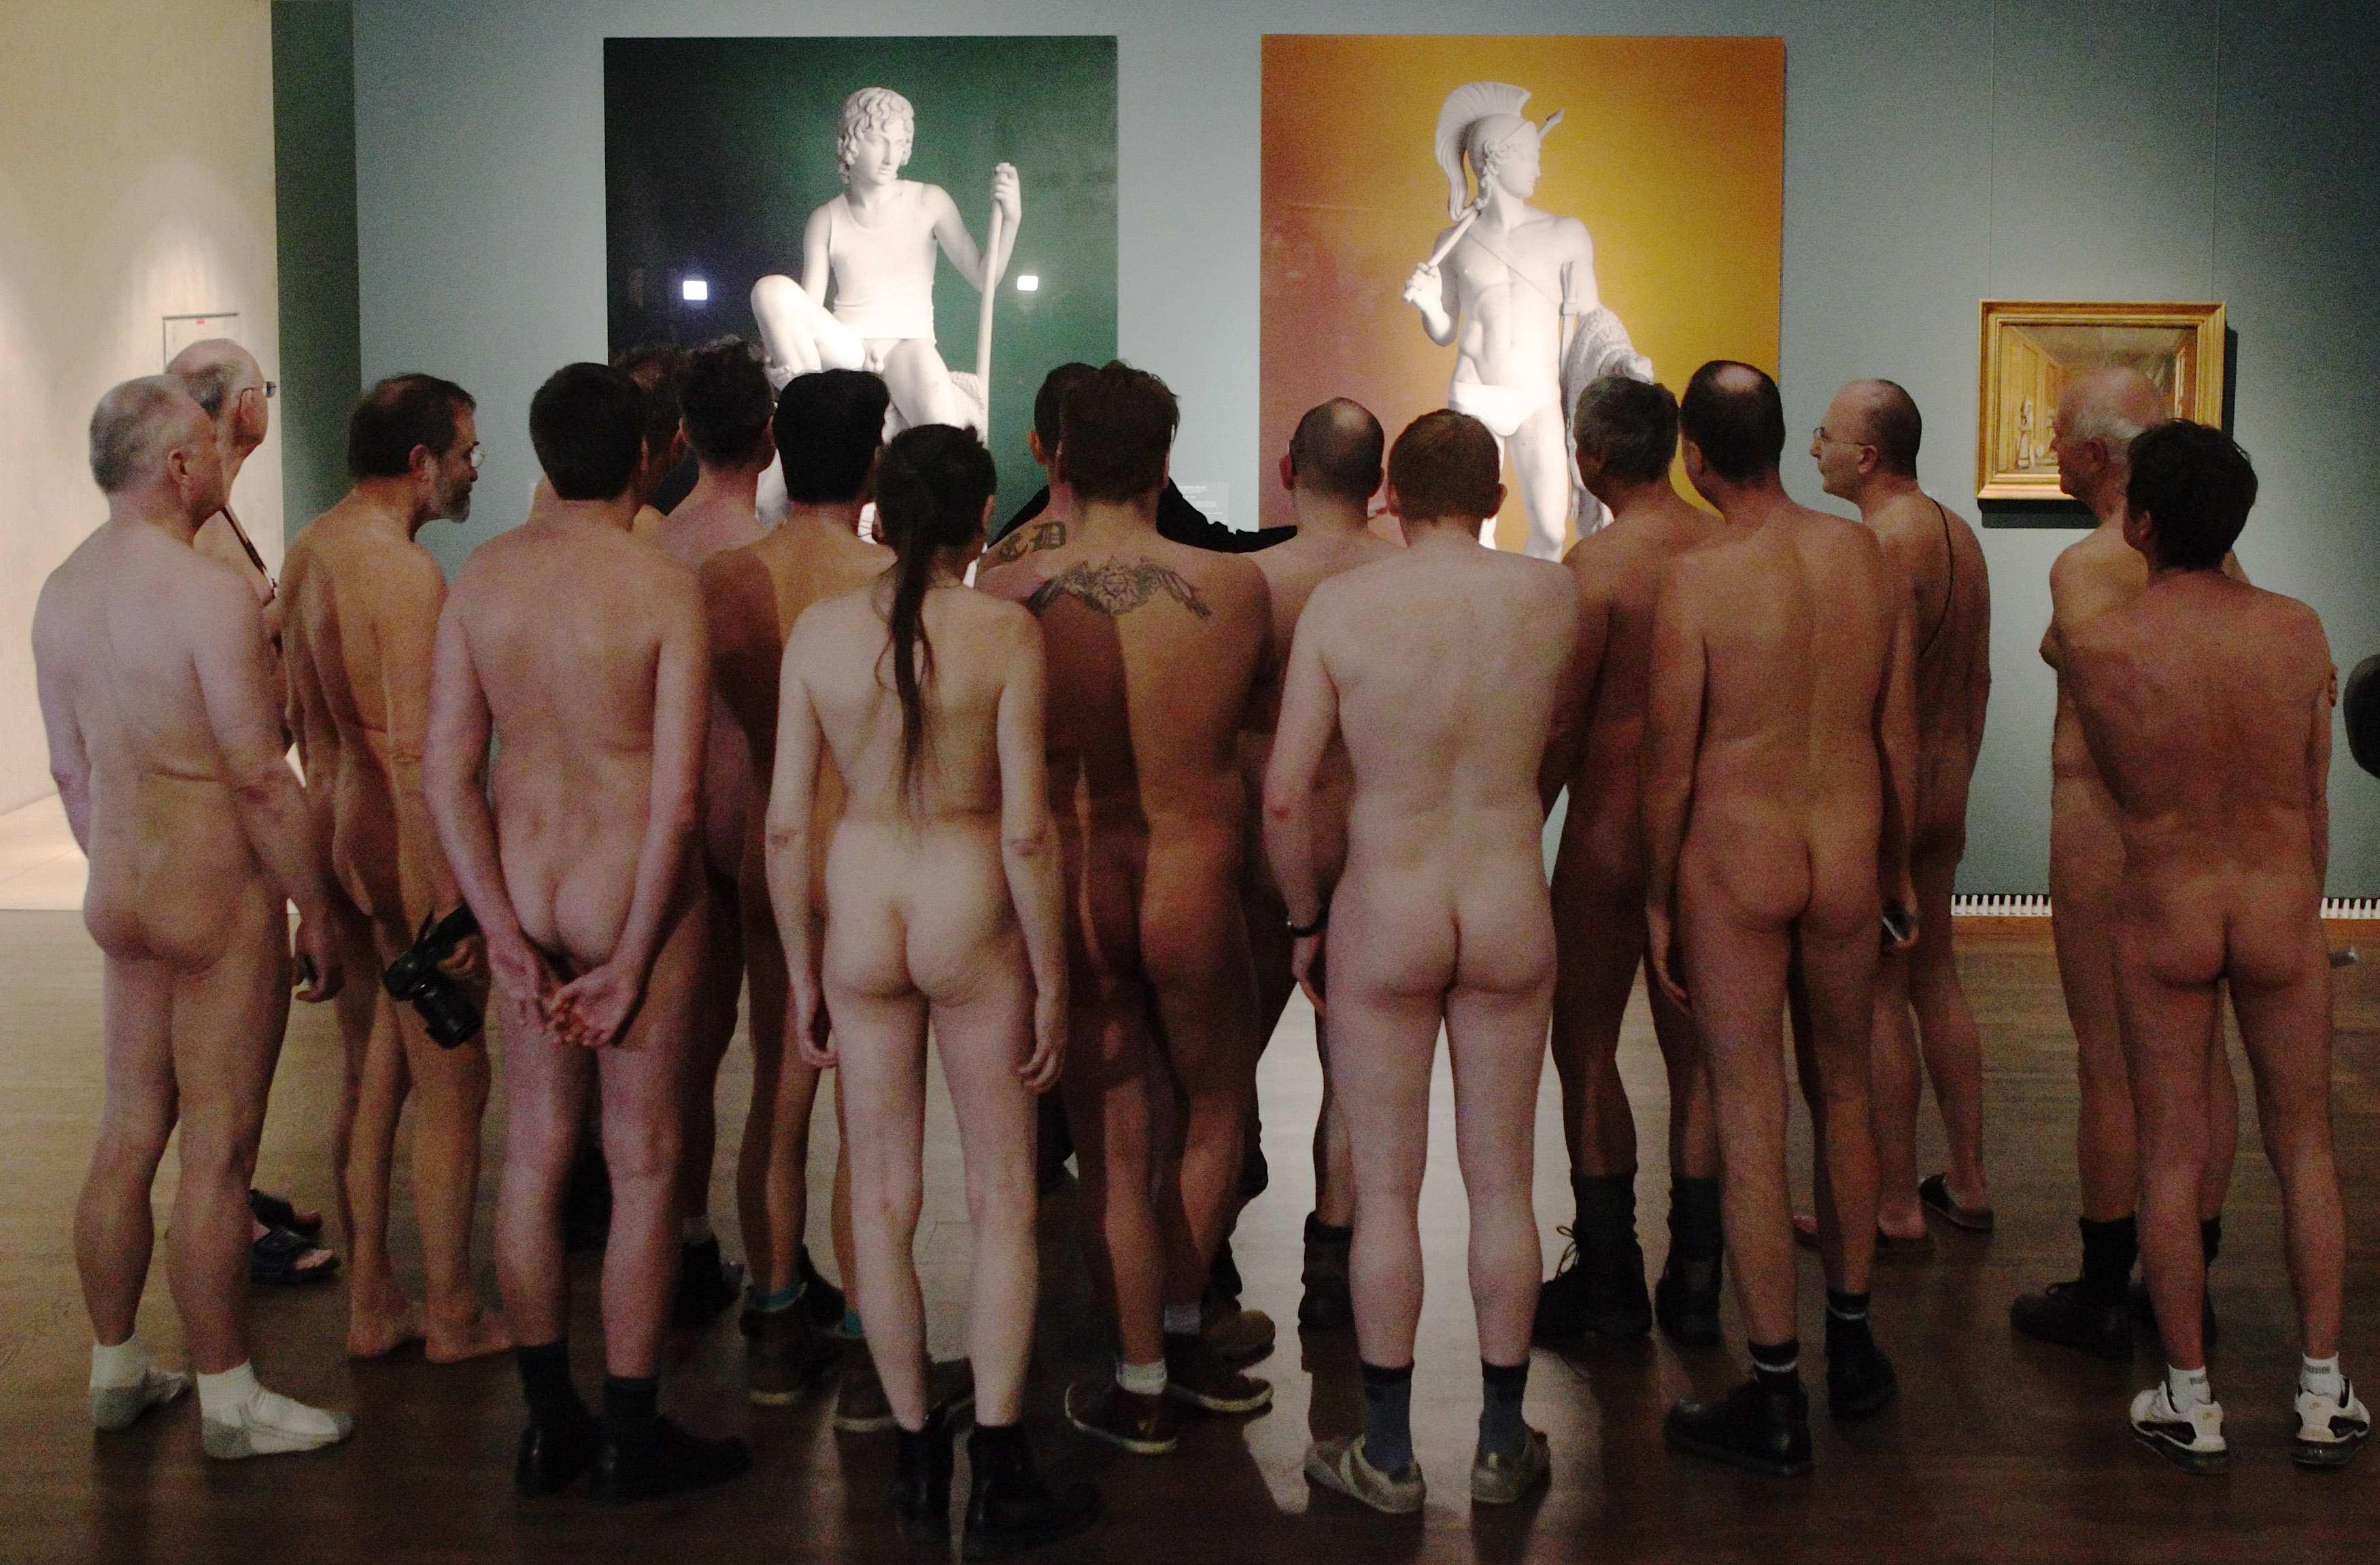 Смотреть голые мужчины бесплатно 5 фотография